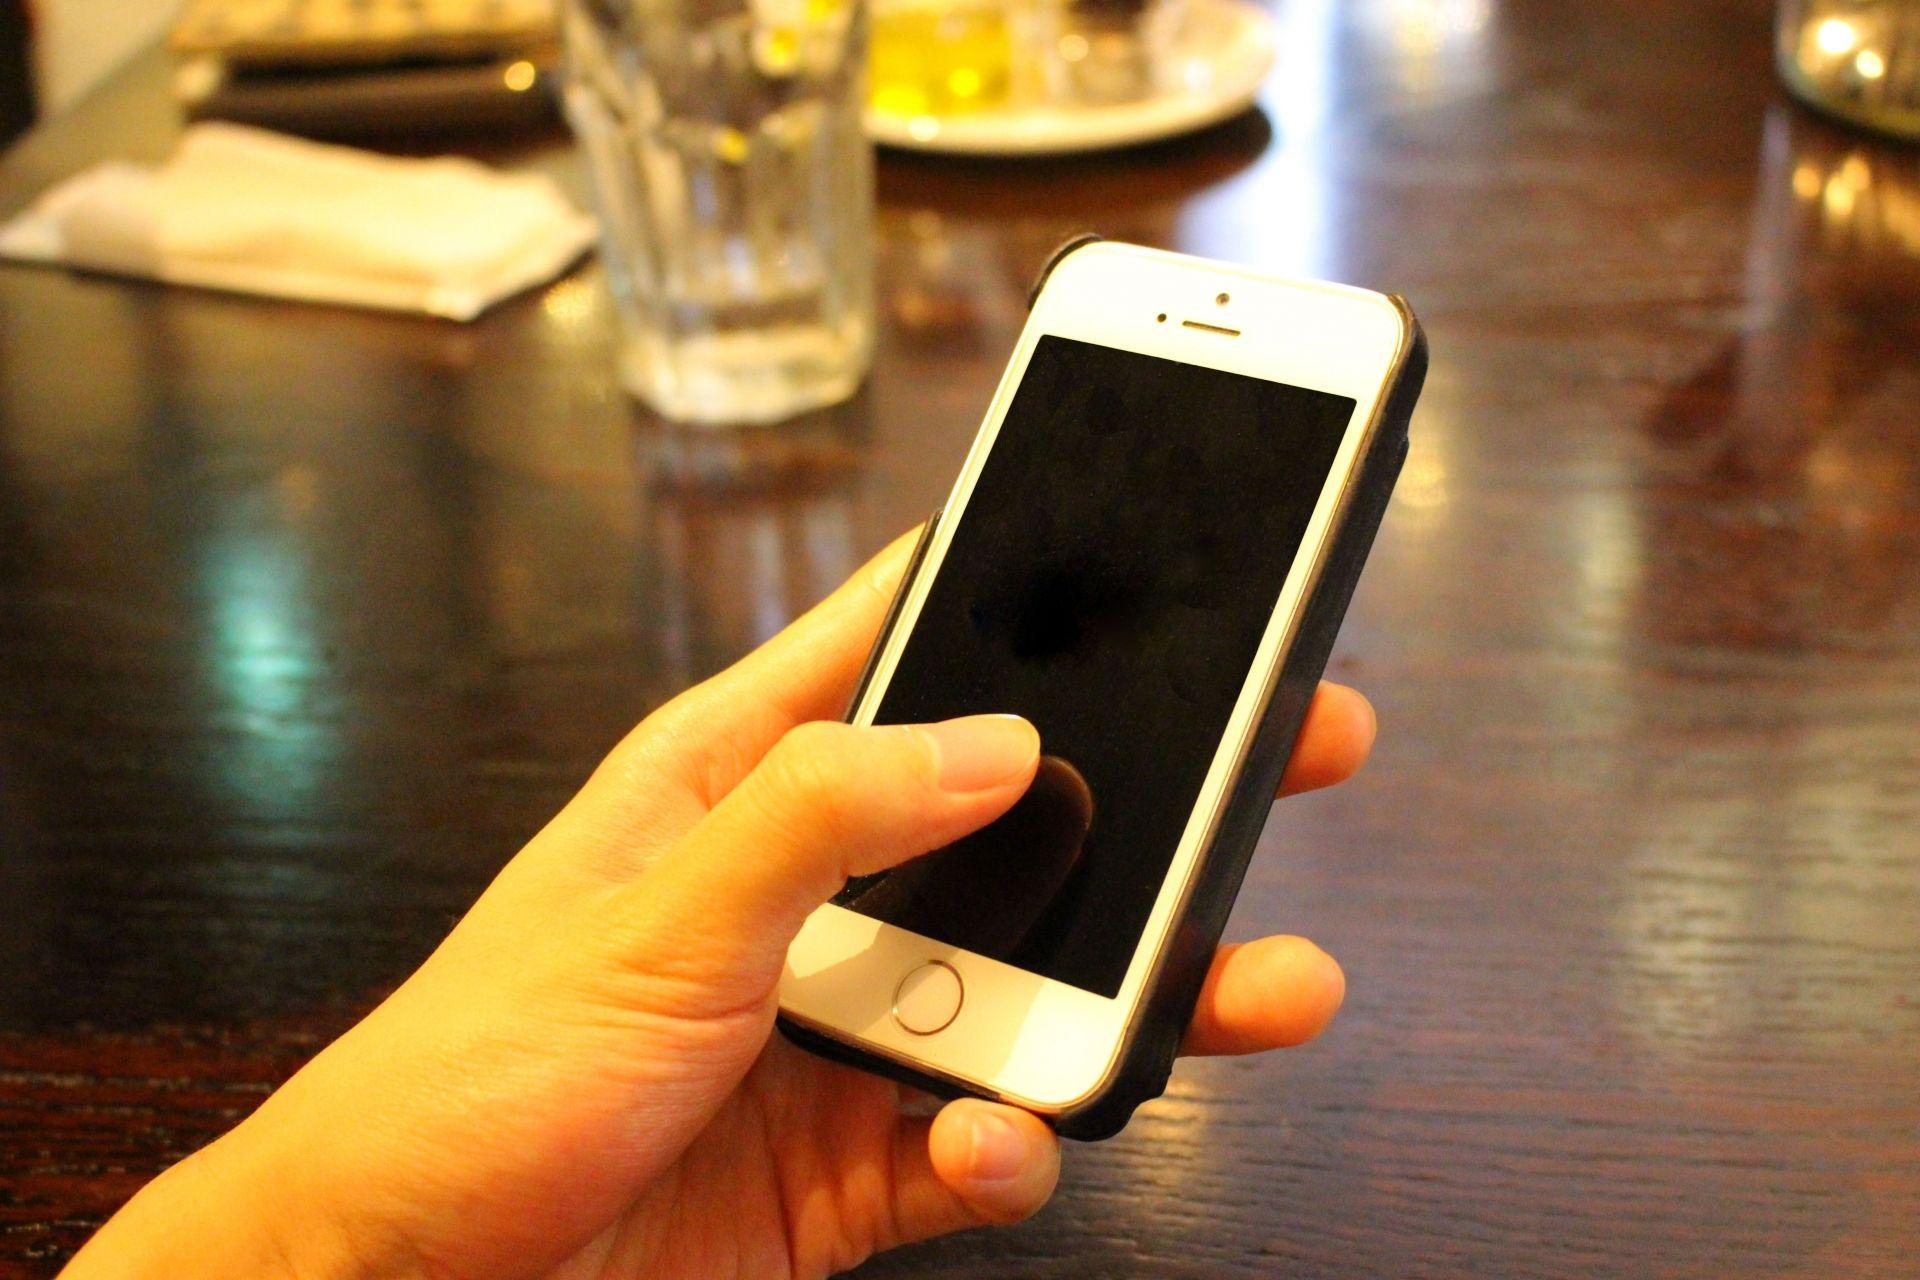 5Gが始まる2020年に4G「iPhoneSE2」は買いか?